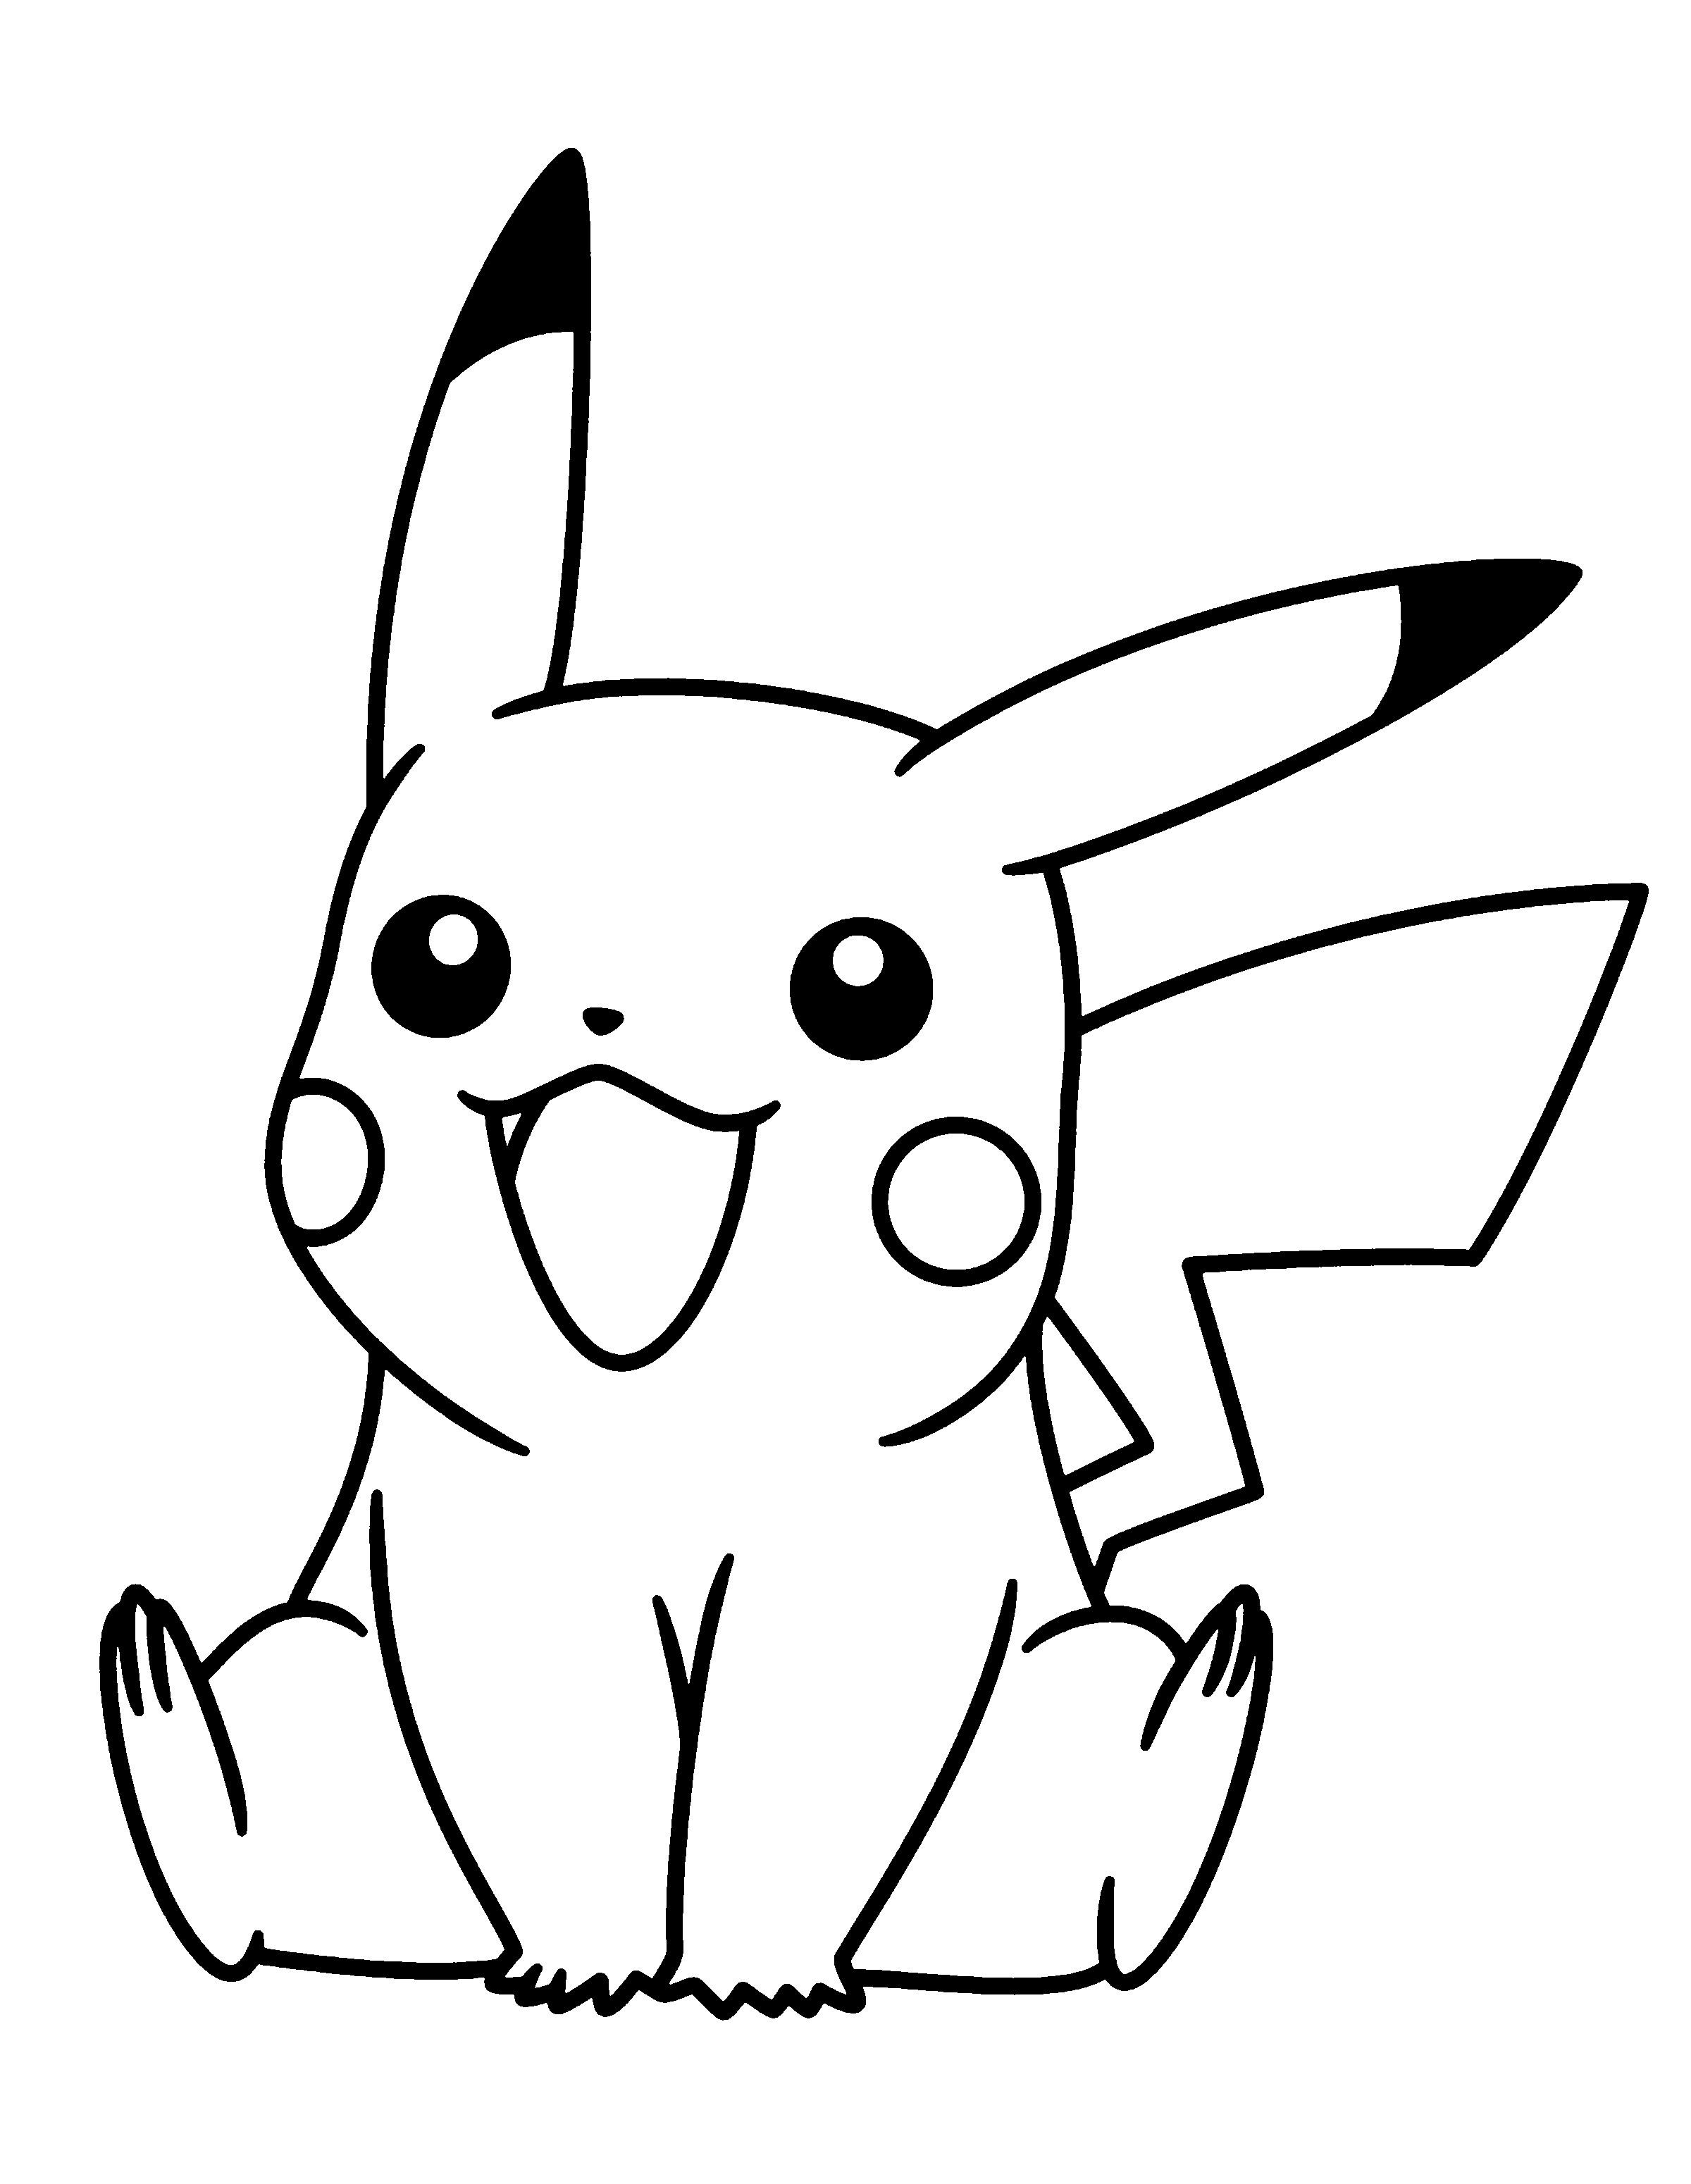 Ausmalbilder Pokemon Quajutsu Das Beste Von 9 Inspirational Ausmalbilder Pokemon Pummeluff Galerie